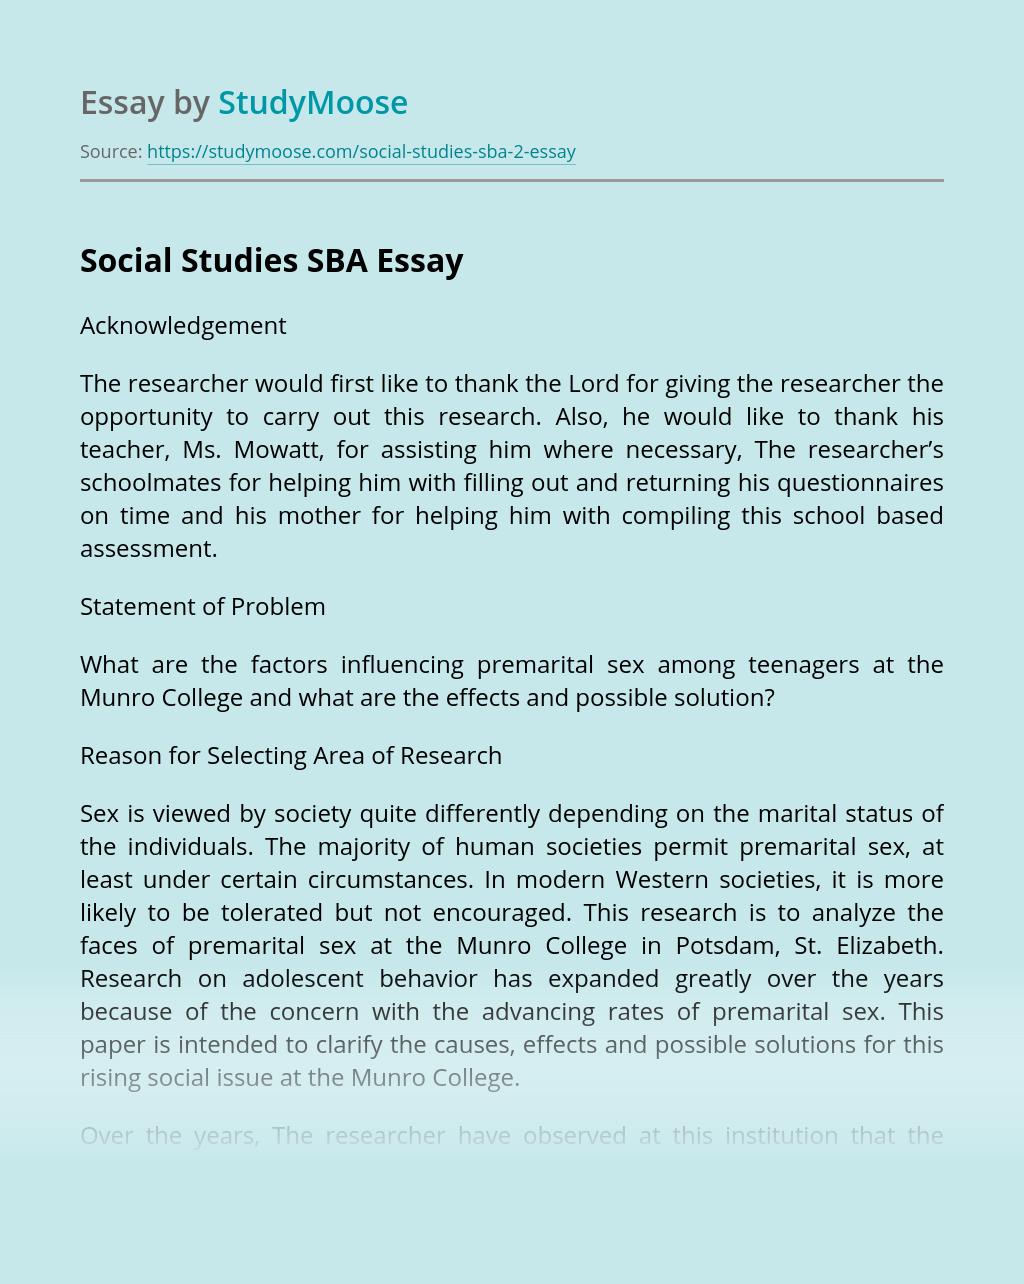 Social Studies SBA